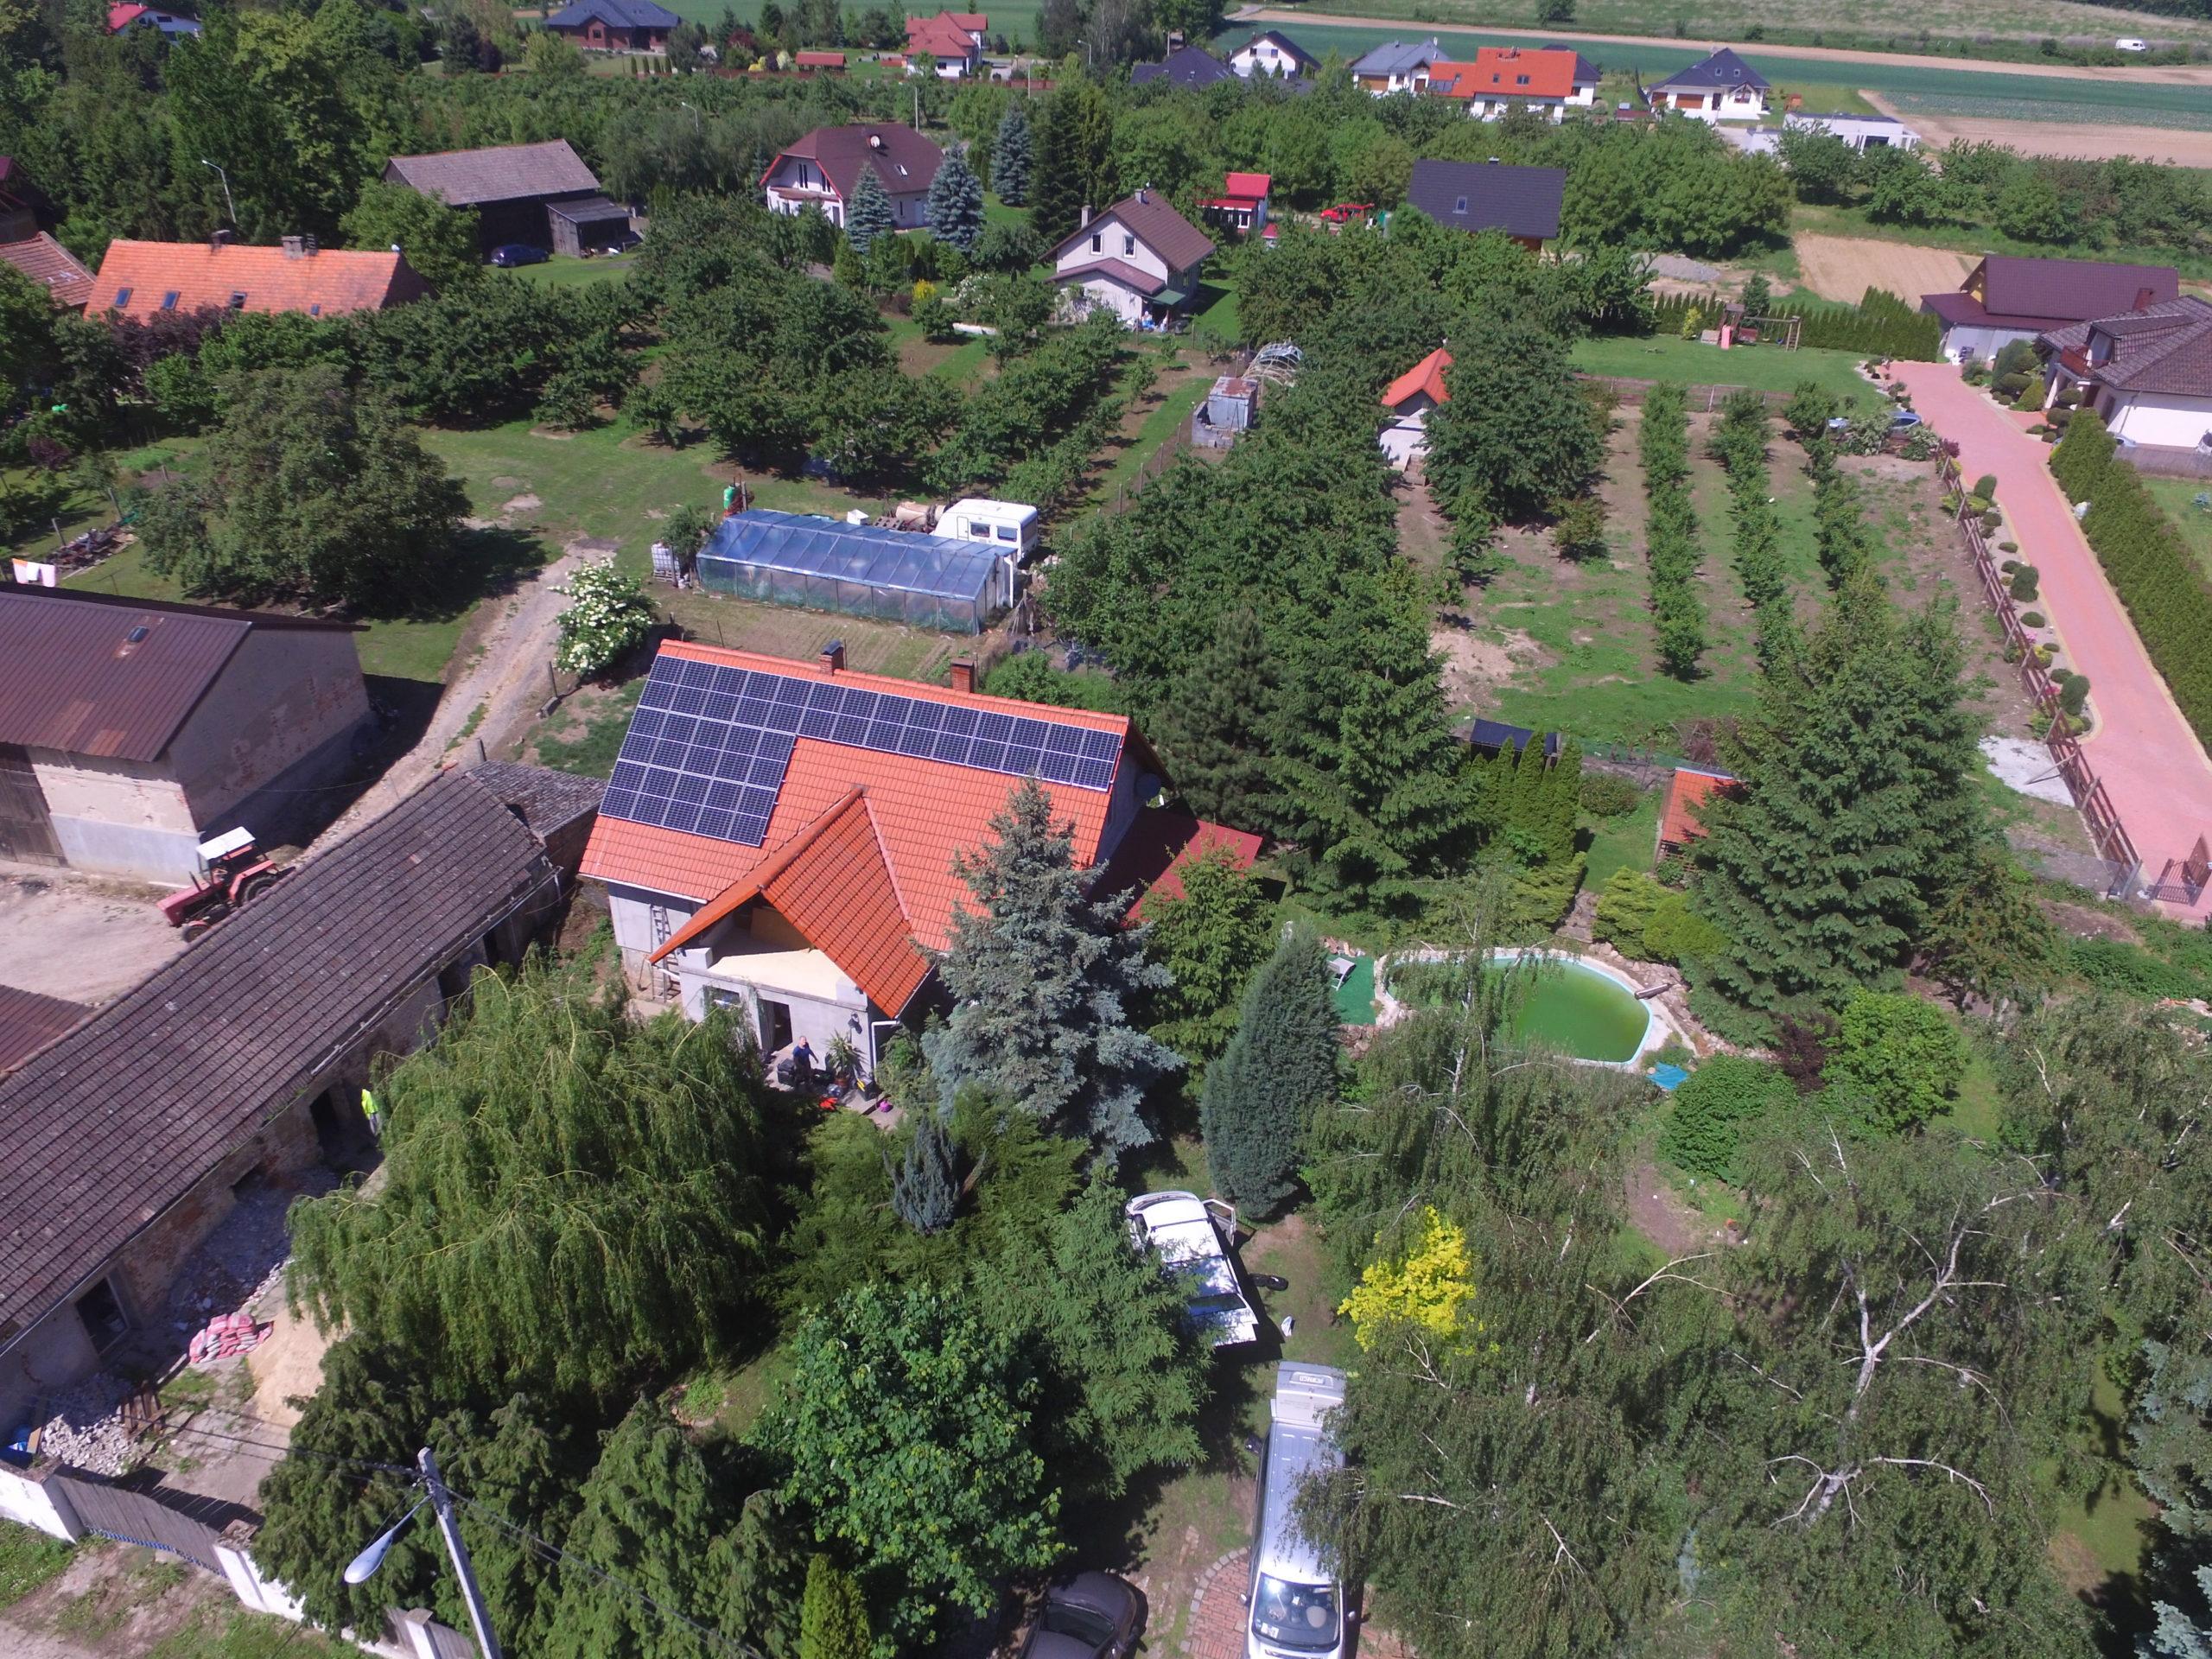 Instalacja fotowoltaiczna o mocy 8 kWp na budynku mieszkalnym, Raszów